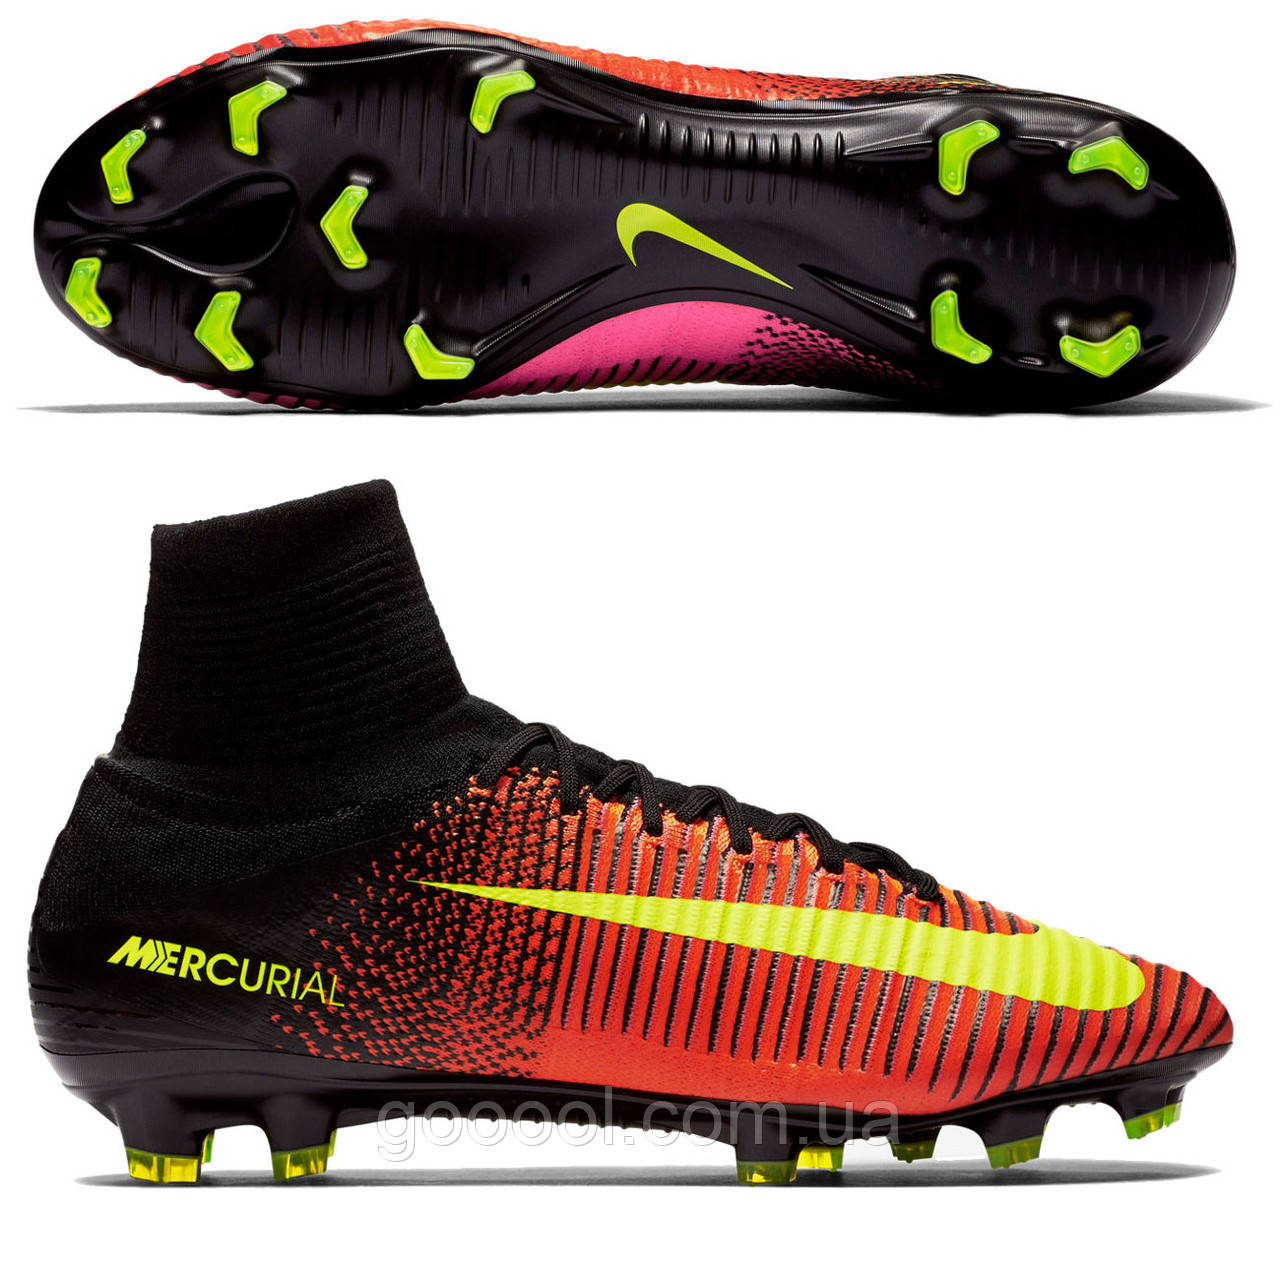 ff5600d6923a Бутсы футбольные Nike Mercurial Superfly V FG - ГООООЛ› спортивная и  футбольная экипировка, обувь